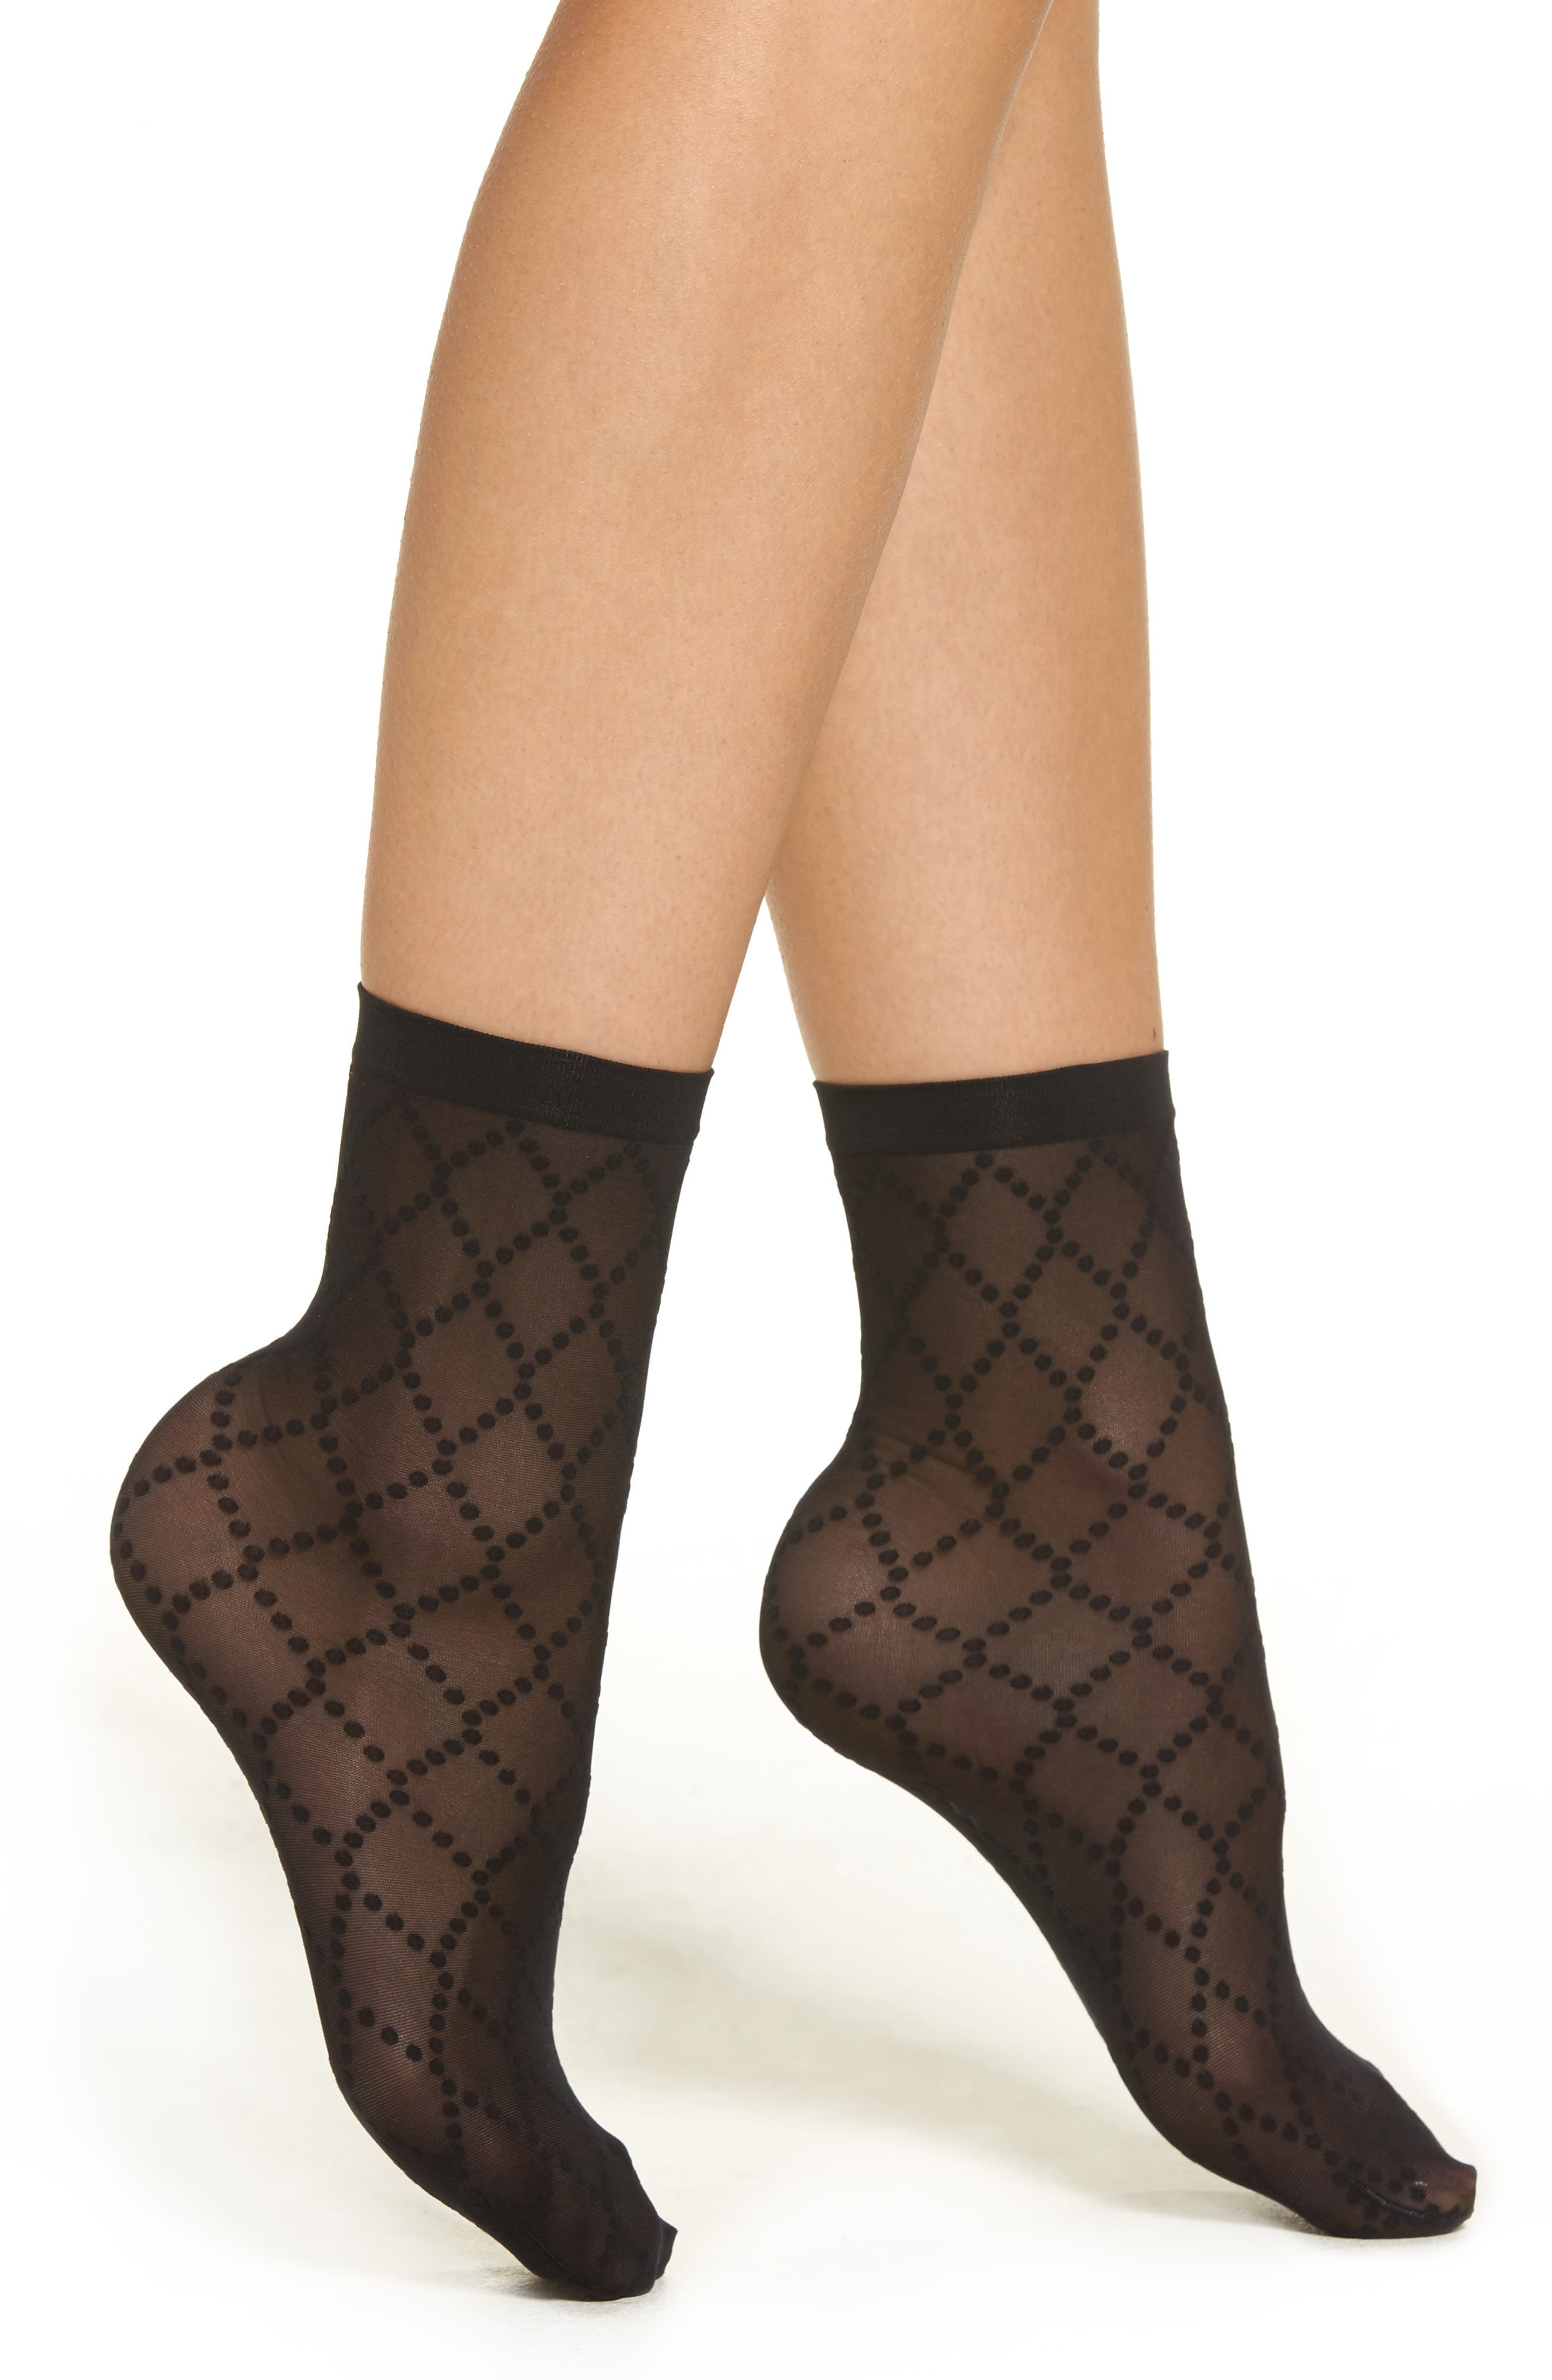 Dot Mesh Trouser Socks,                             Main thumbnail 1, color,                             Black/ Black